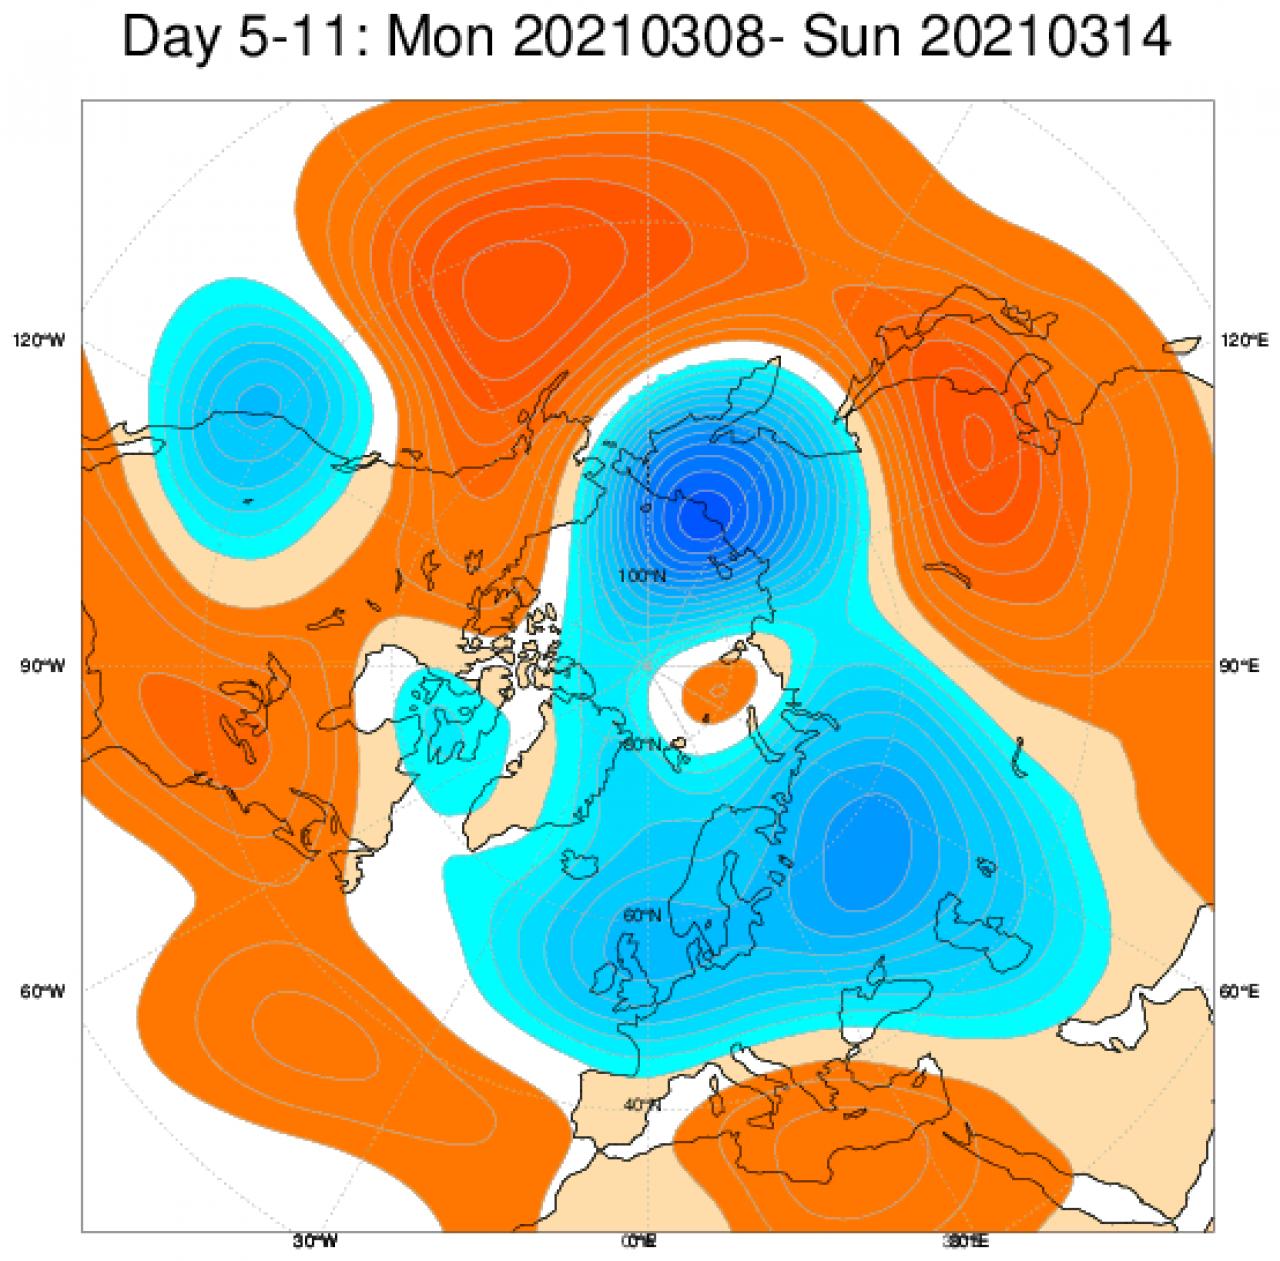 Le anomalie di geopotenziale secondo il modello ECMWF in Europa mediate nel periodo 8-14 marzo